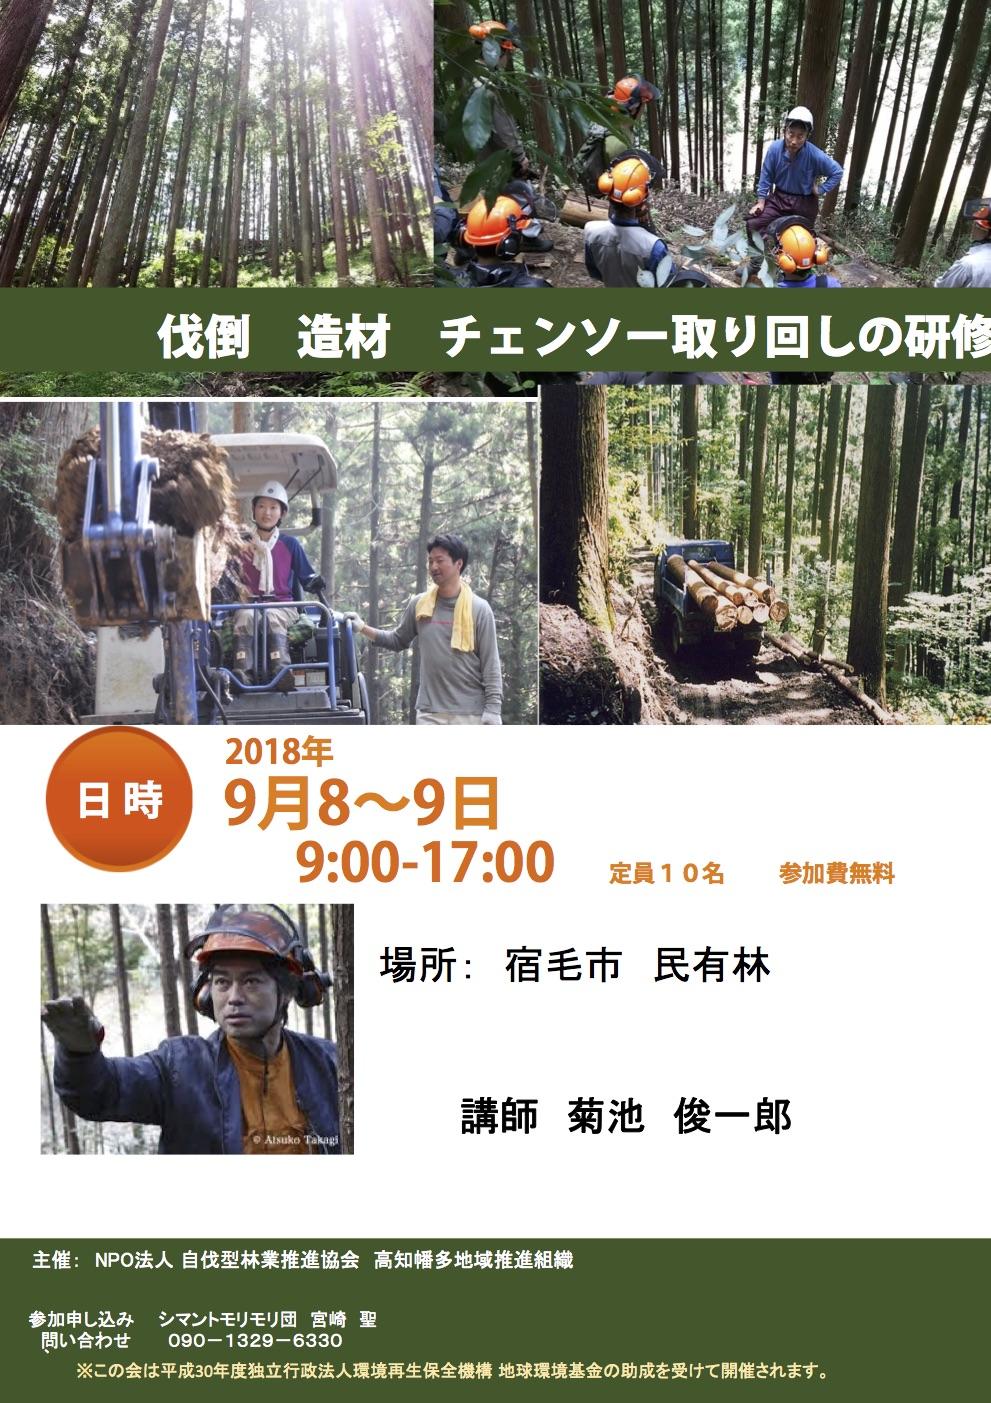 9月8日から「高知幡多地域推進組織」が自伐研修会を開催します。